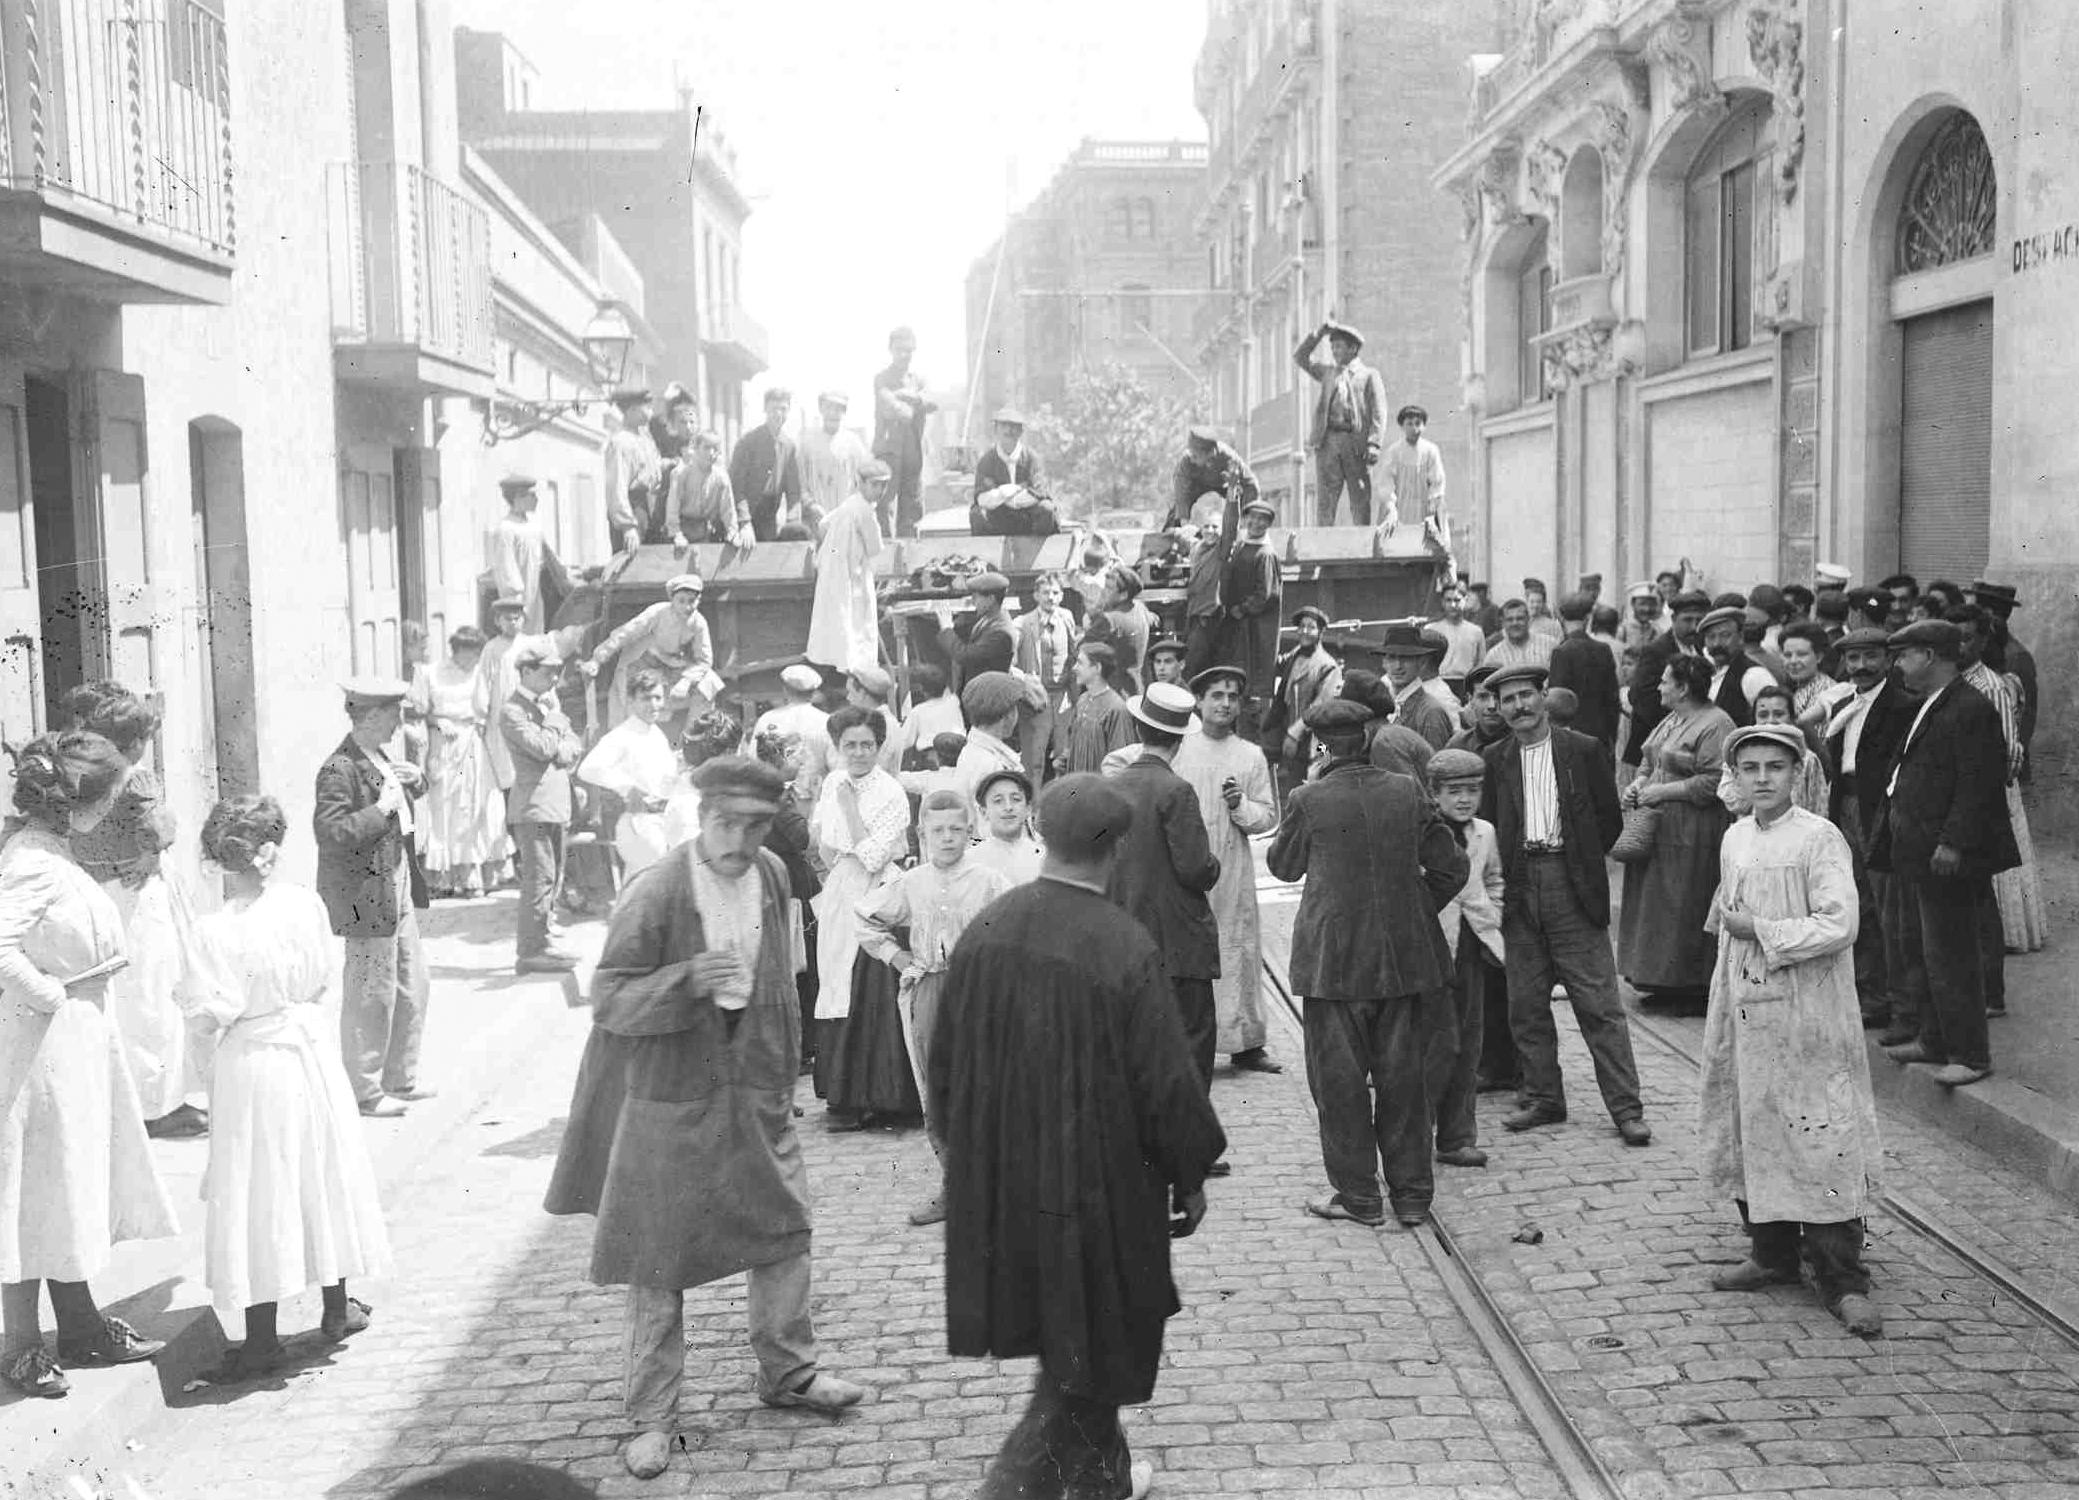 Barricadas cerrando el paso de las fuerzas de seguridad durante la Semana Trágica de Barcelona (julio-agosto de 1909)